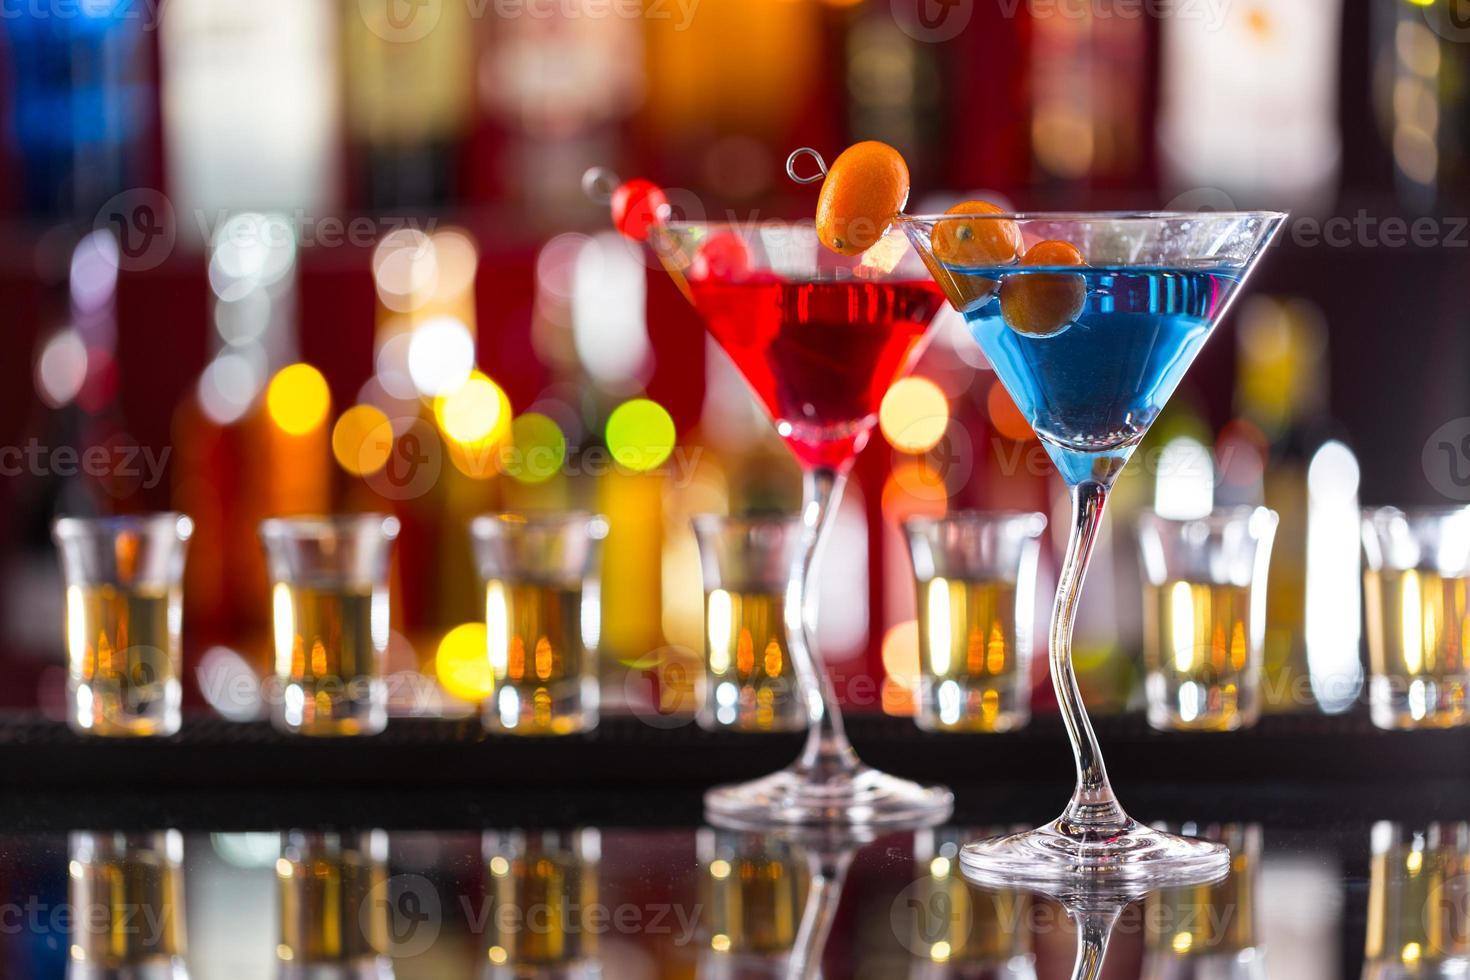 Martini bebidas servidas en barra de bar foto